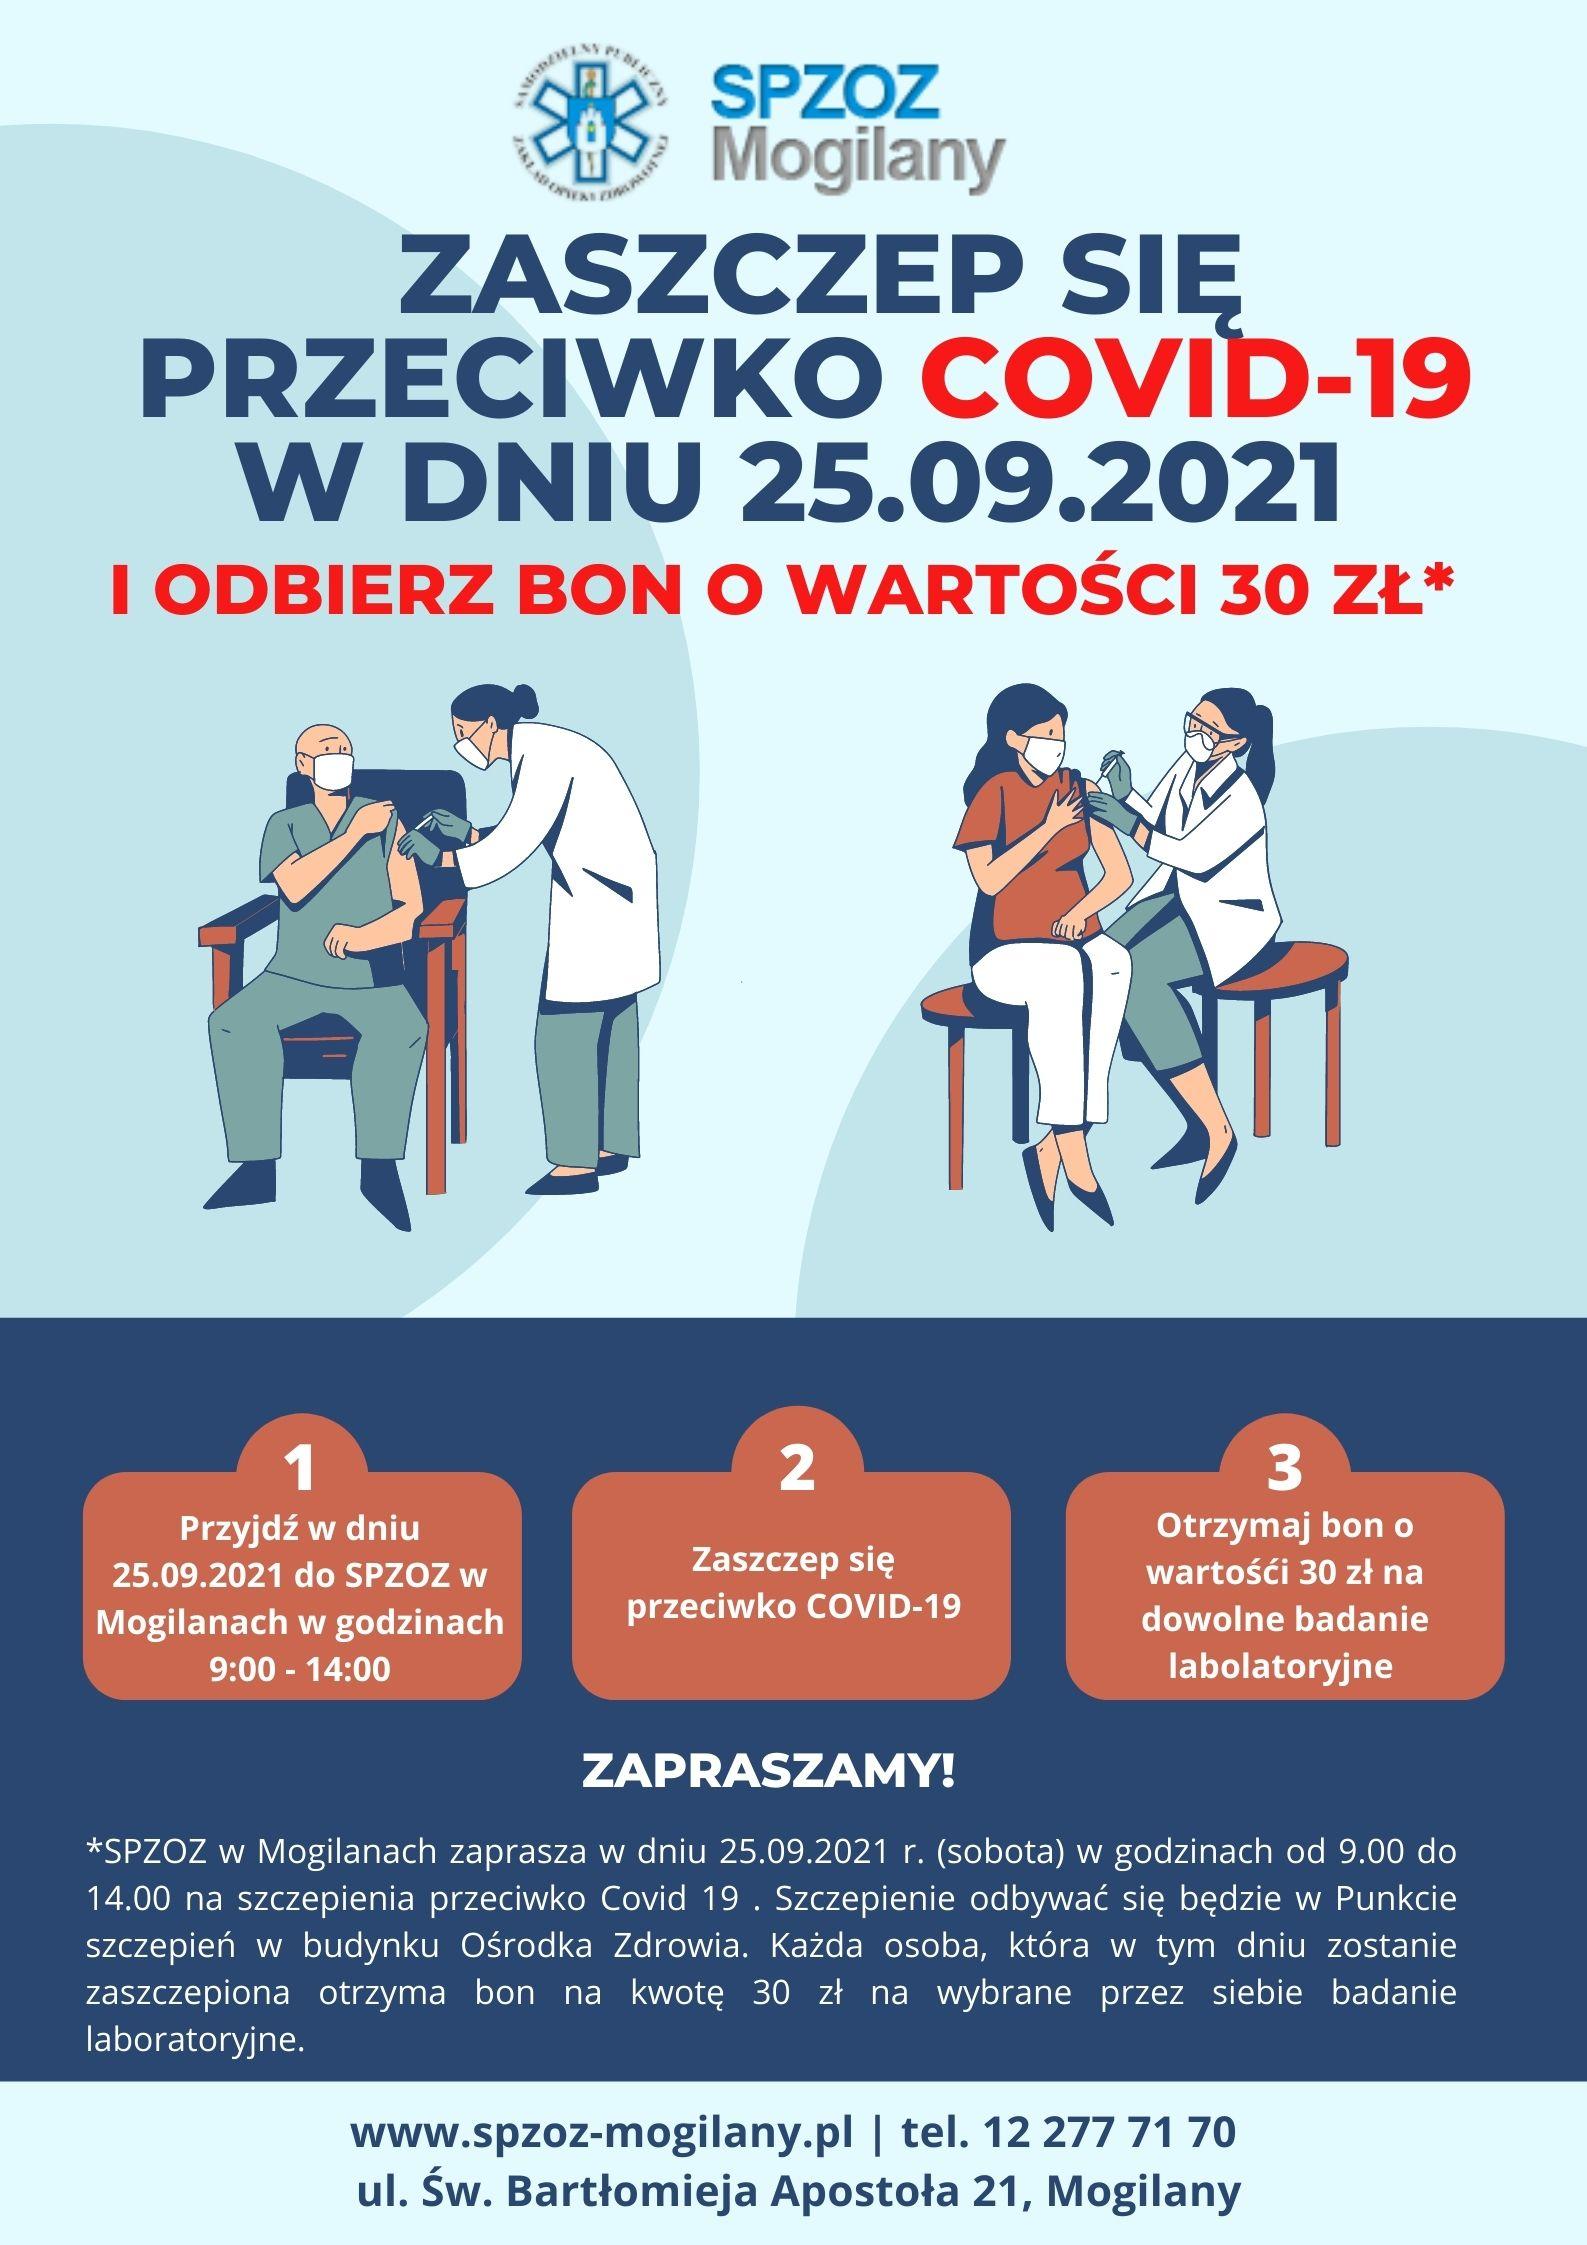 Każda osoba, która w tym dniu zostanie zaszczepiona otrzyma bon na kwotę 30 zł na wybrane przez siebie badanie laboratoryjne.